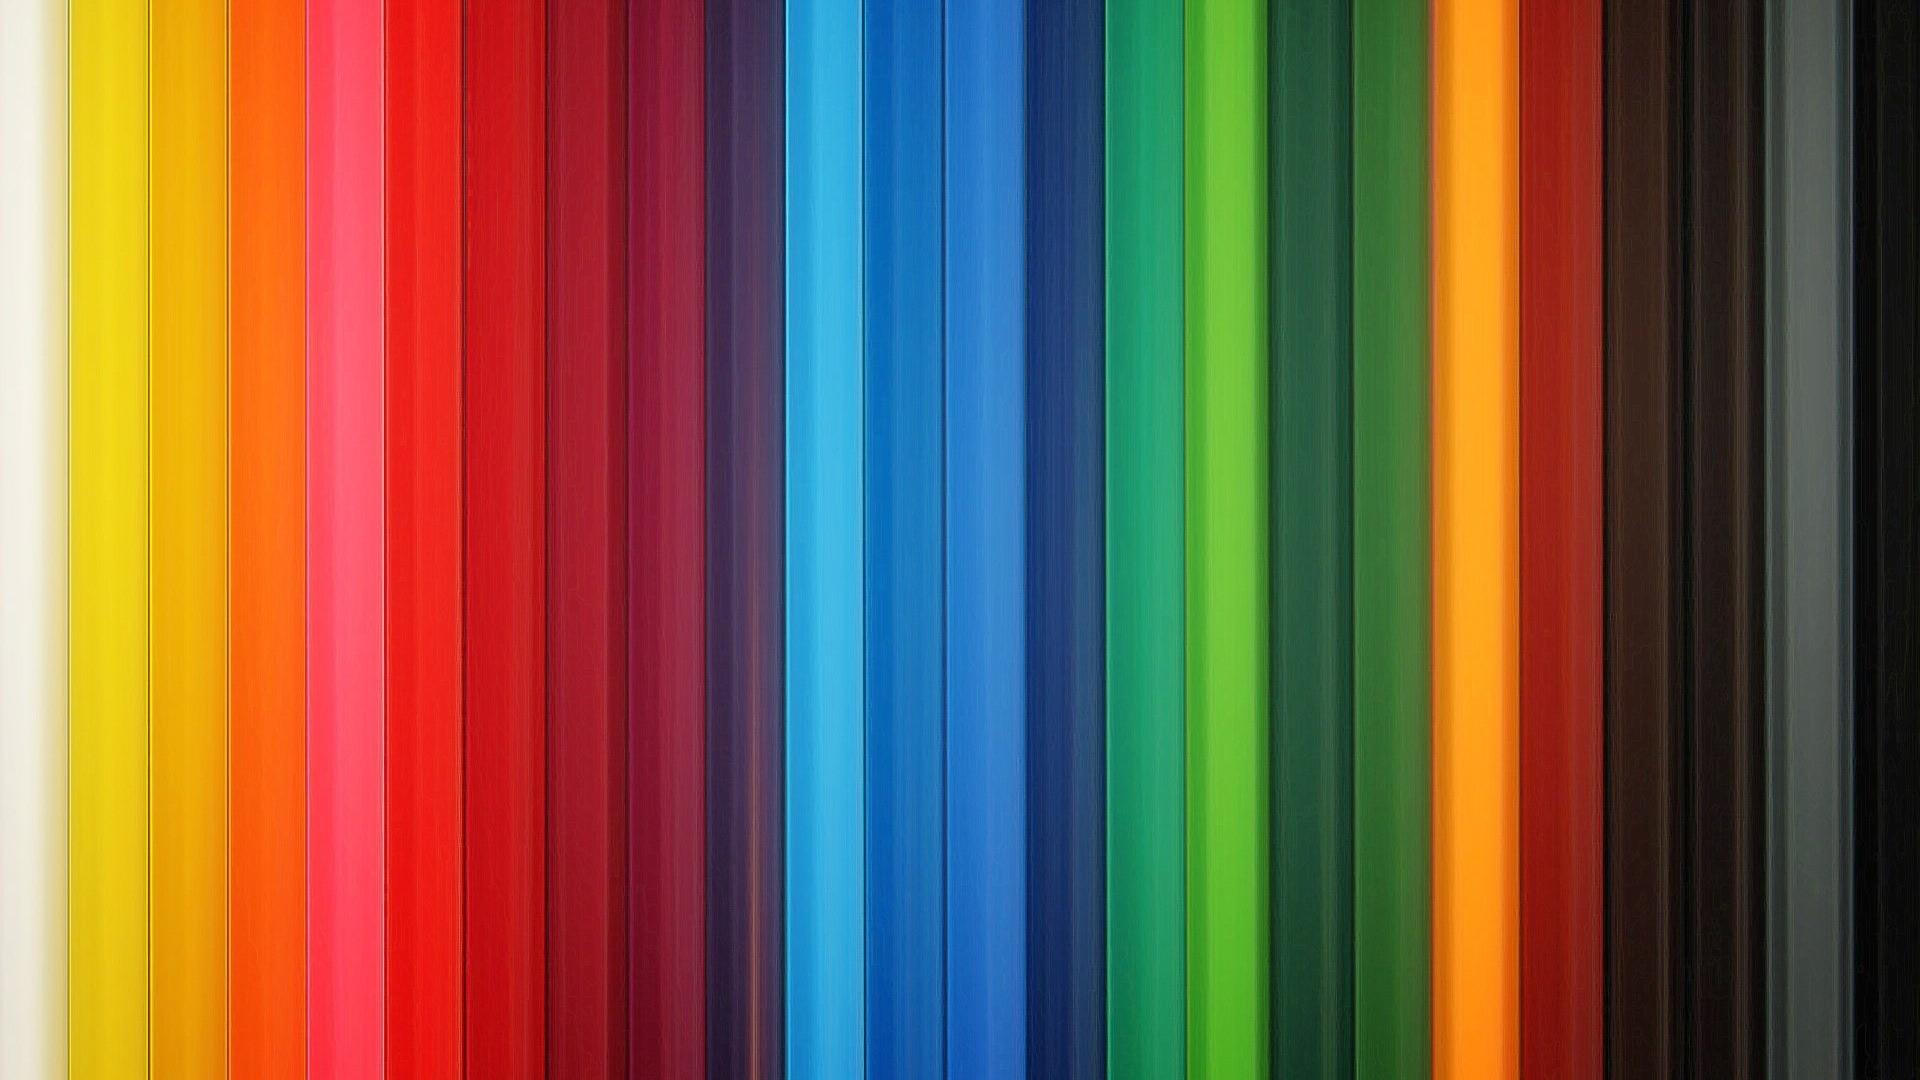 190 Vertical Wallpaper Hd: HD Vertical Wallpaper (79+ Images